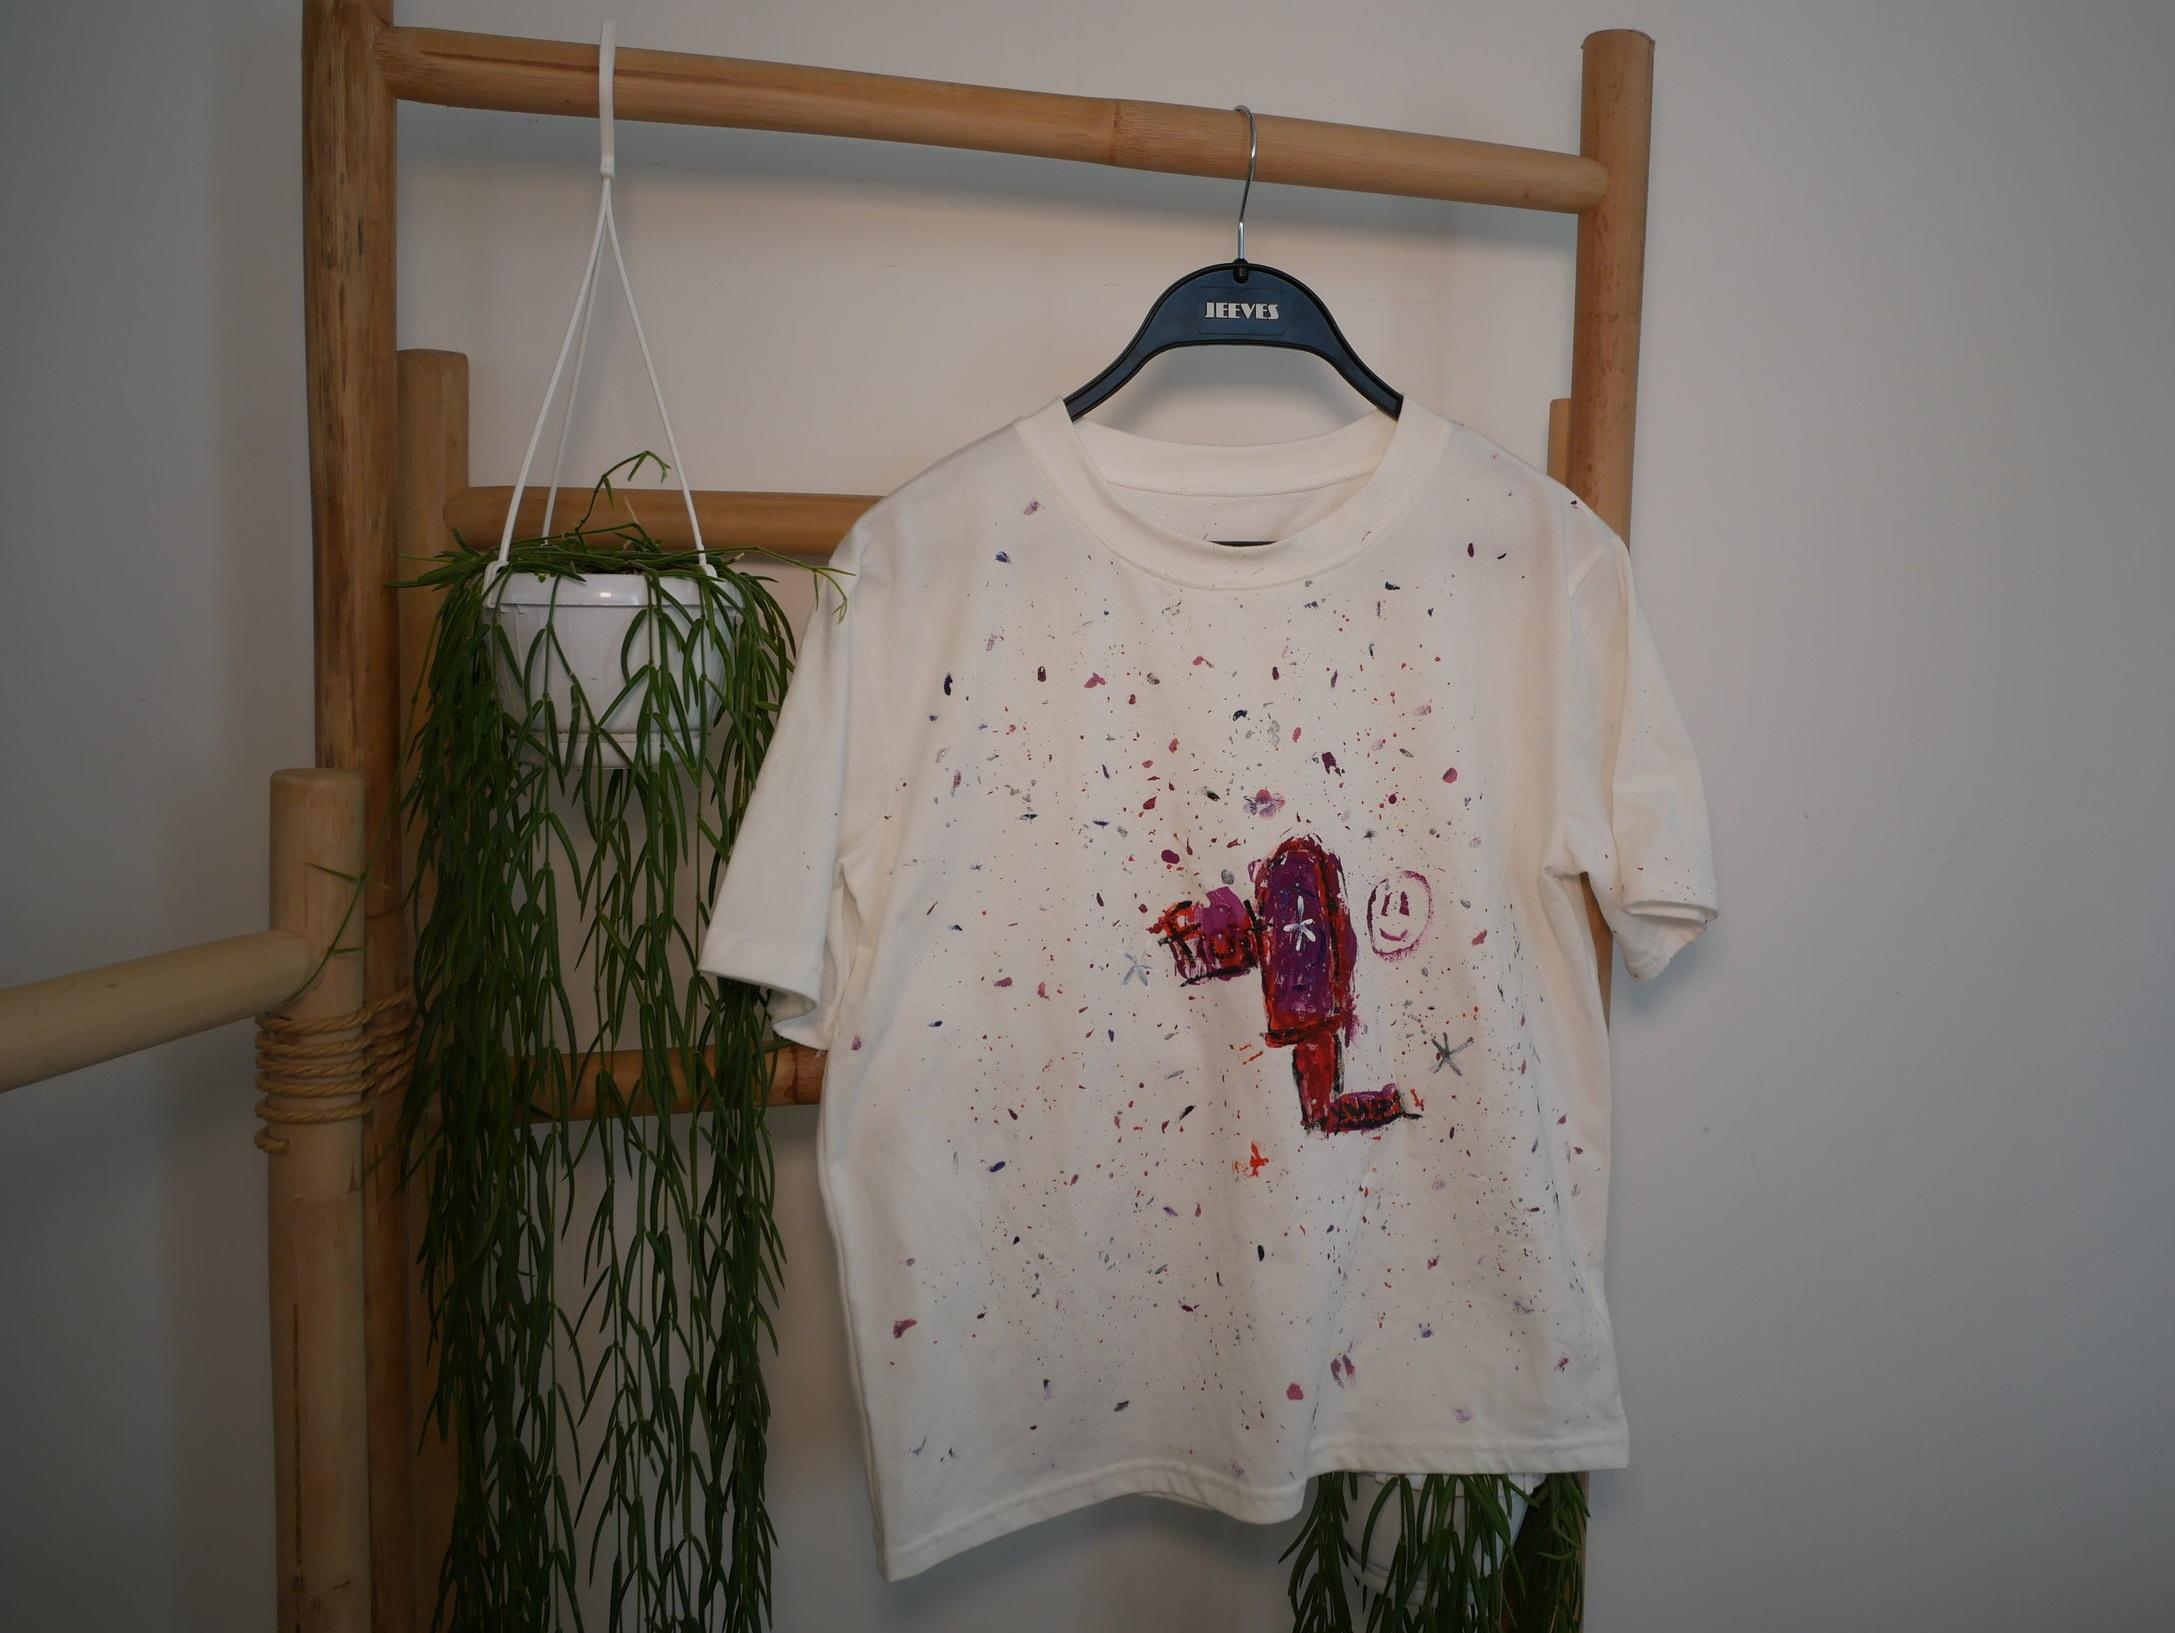 Splattered Popsicle  by Caitlin Lee  HK$7,000